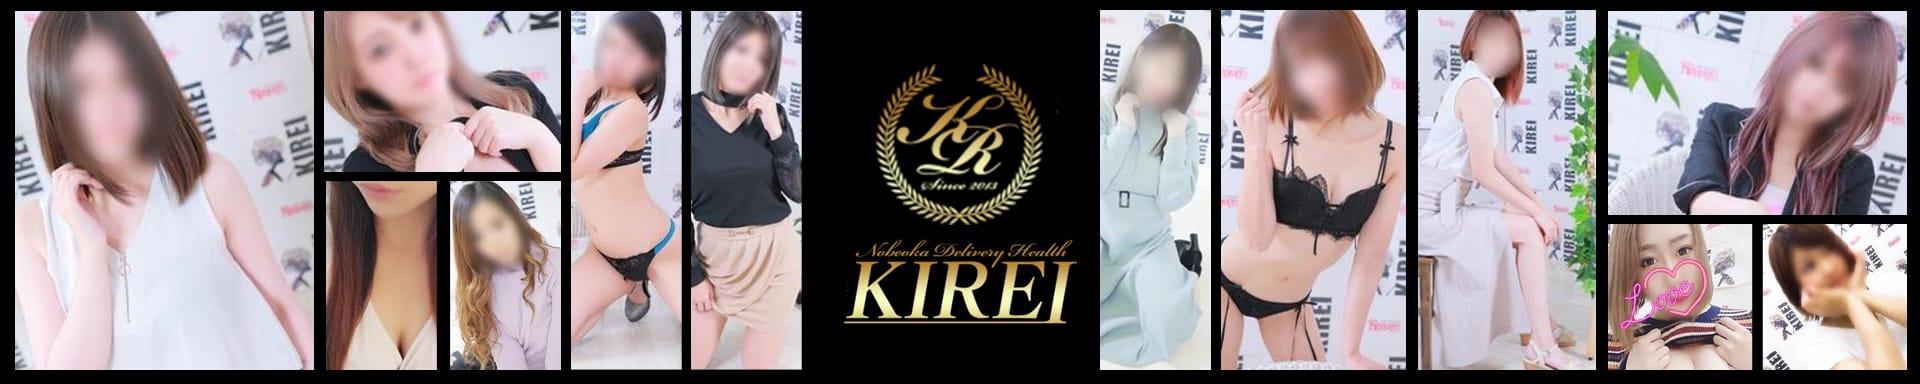 KIREI その3